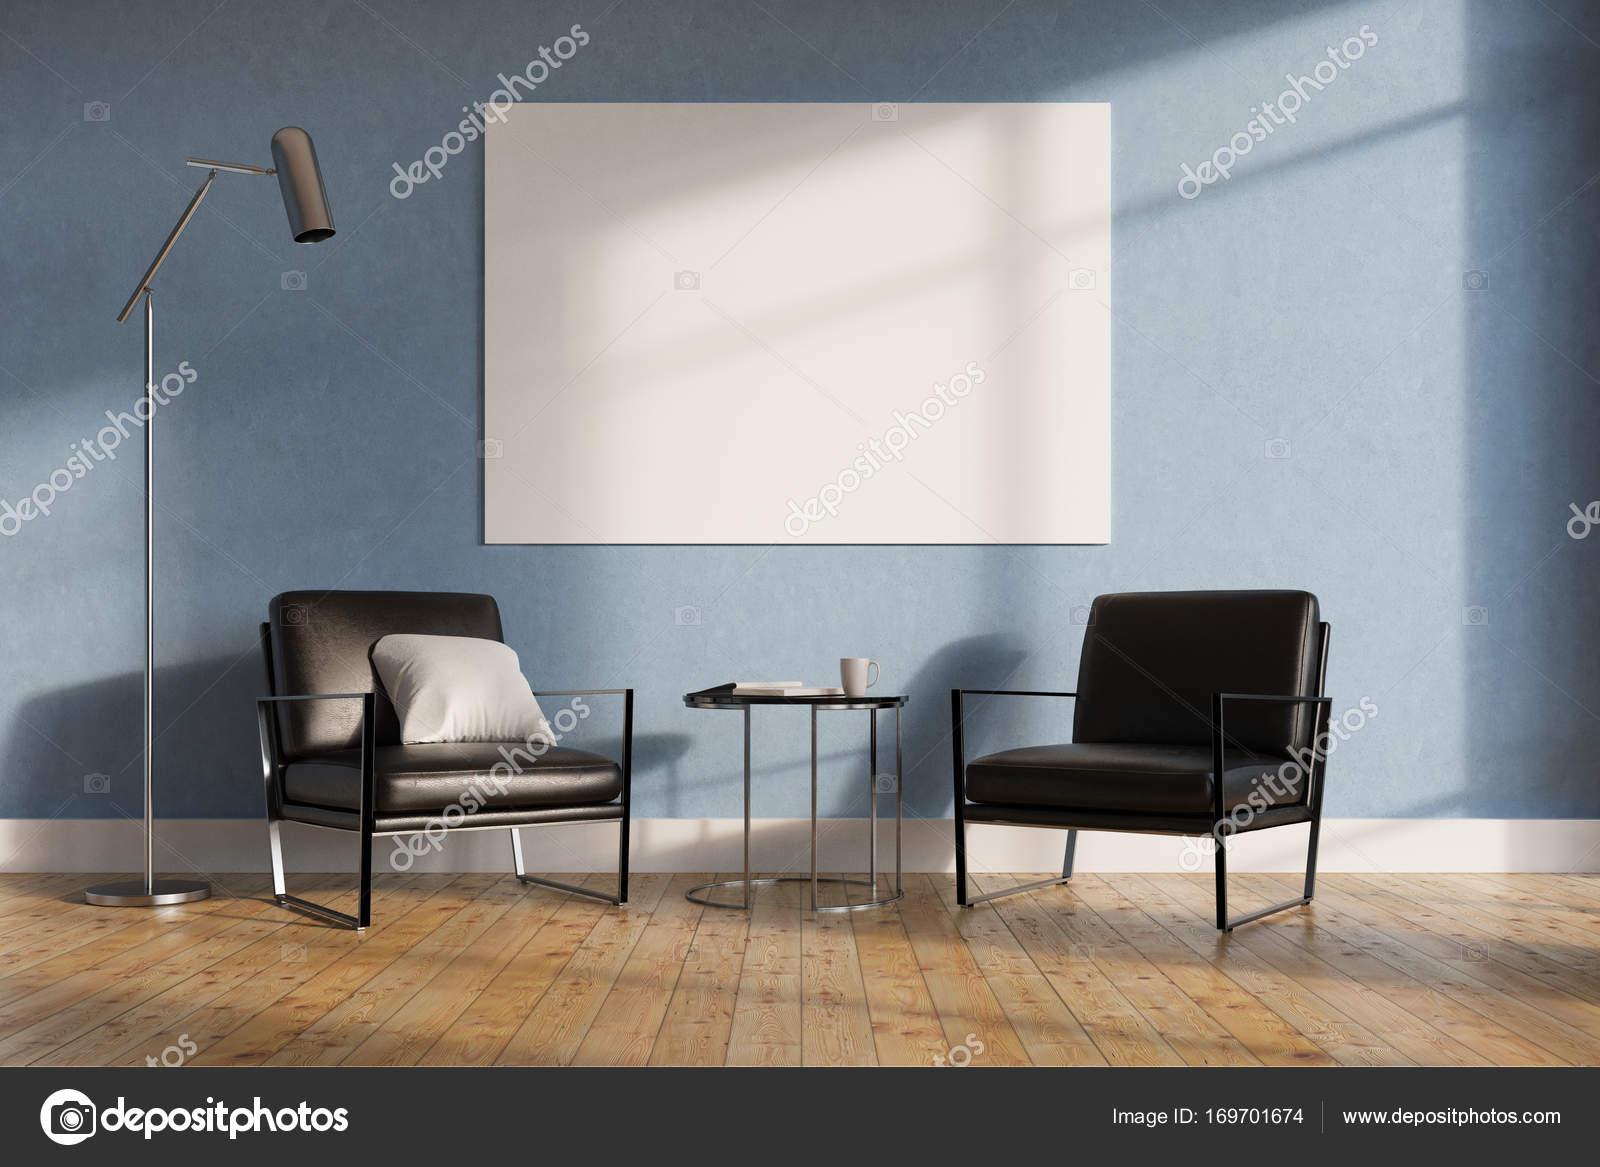 Minimalistisch Wohnzimmer Schwarz Sessel Stockfoto